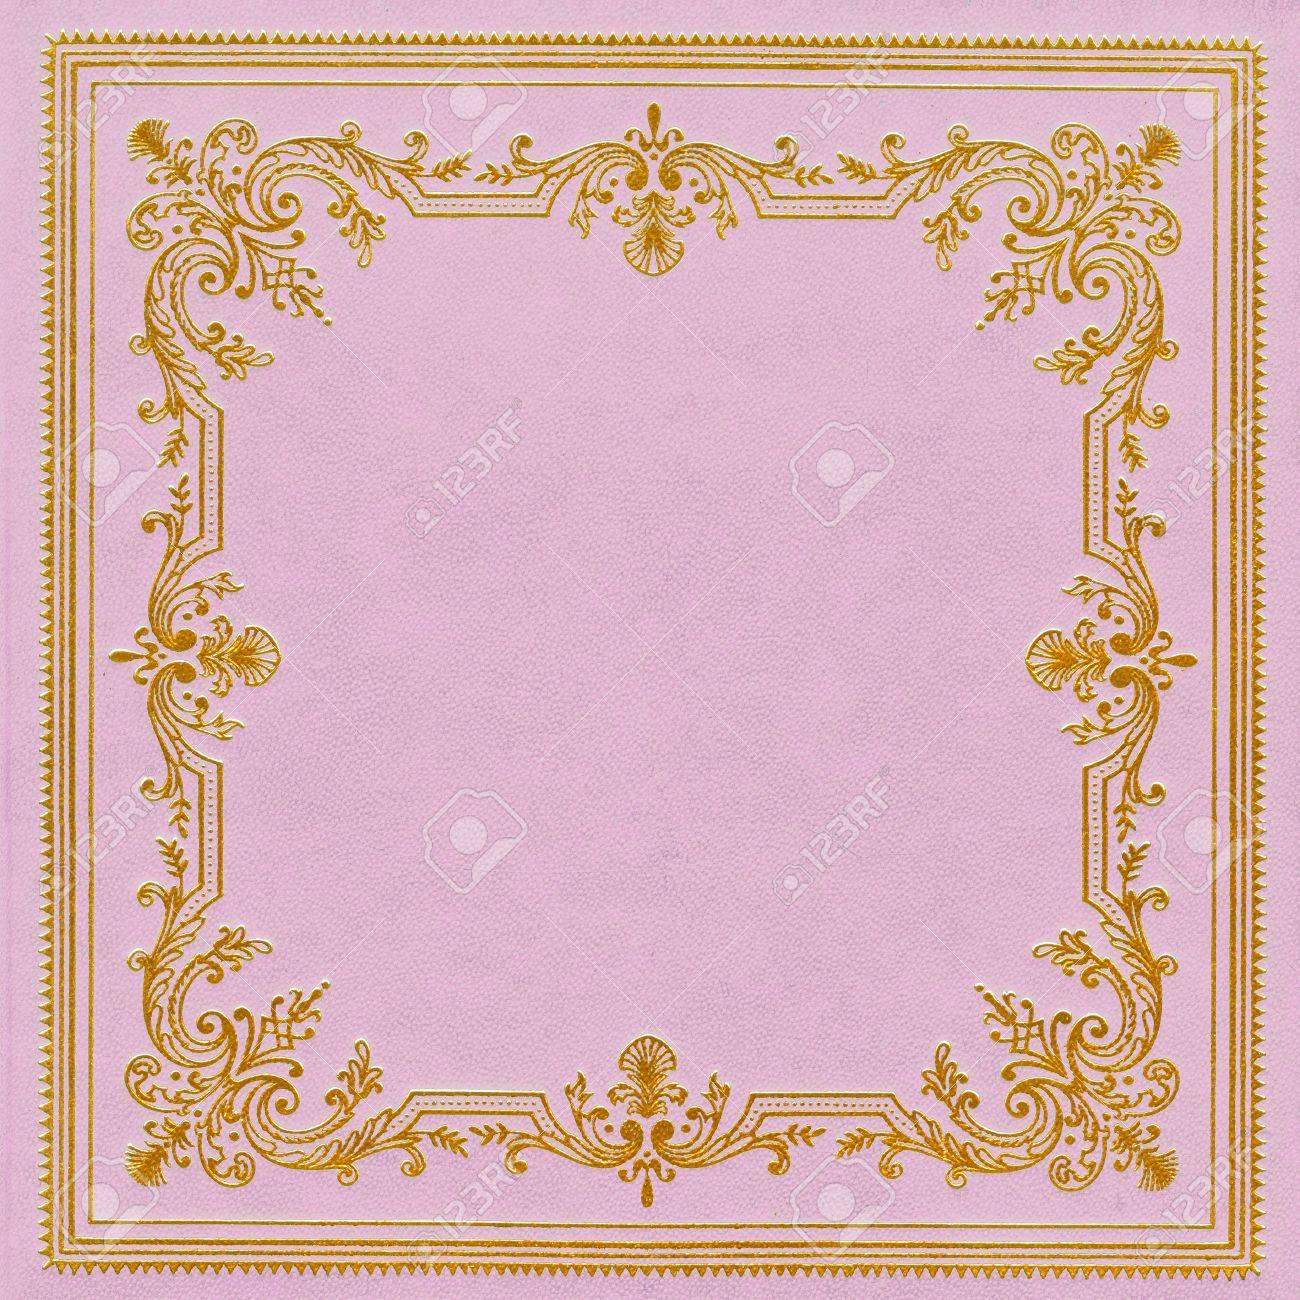 Couverture De Livre En Cuir Rose Et Dore